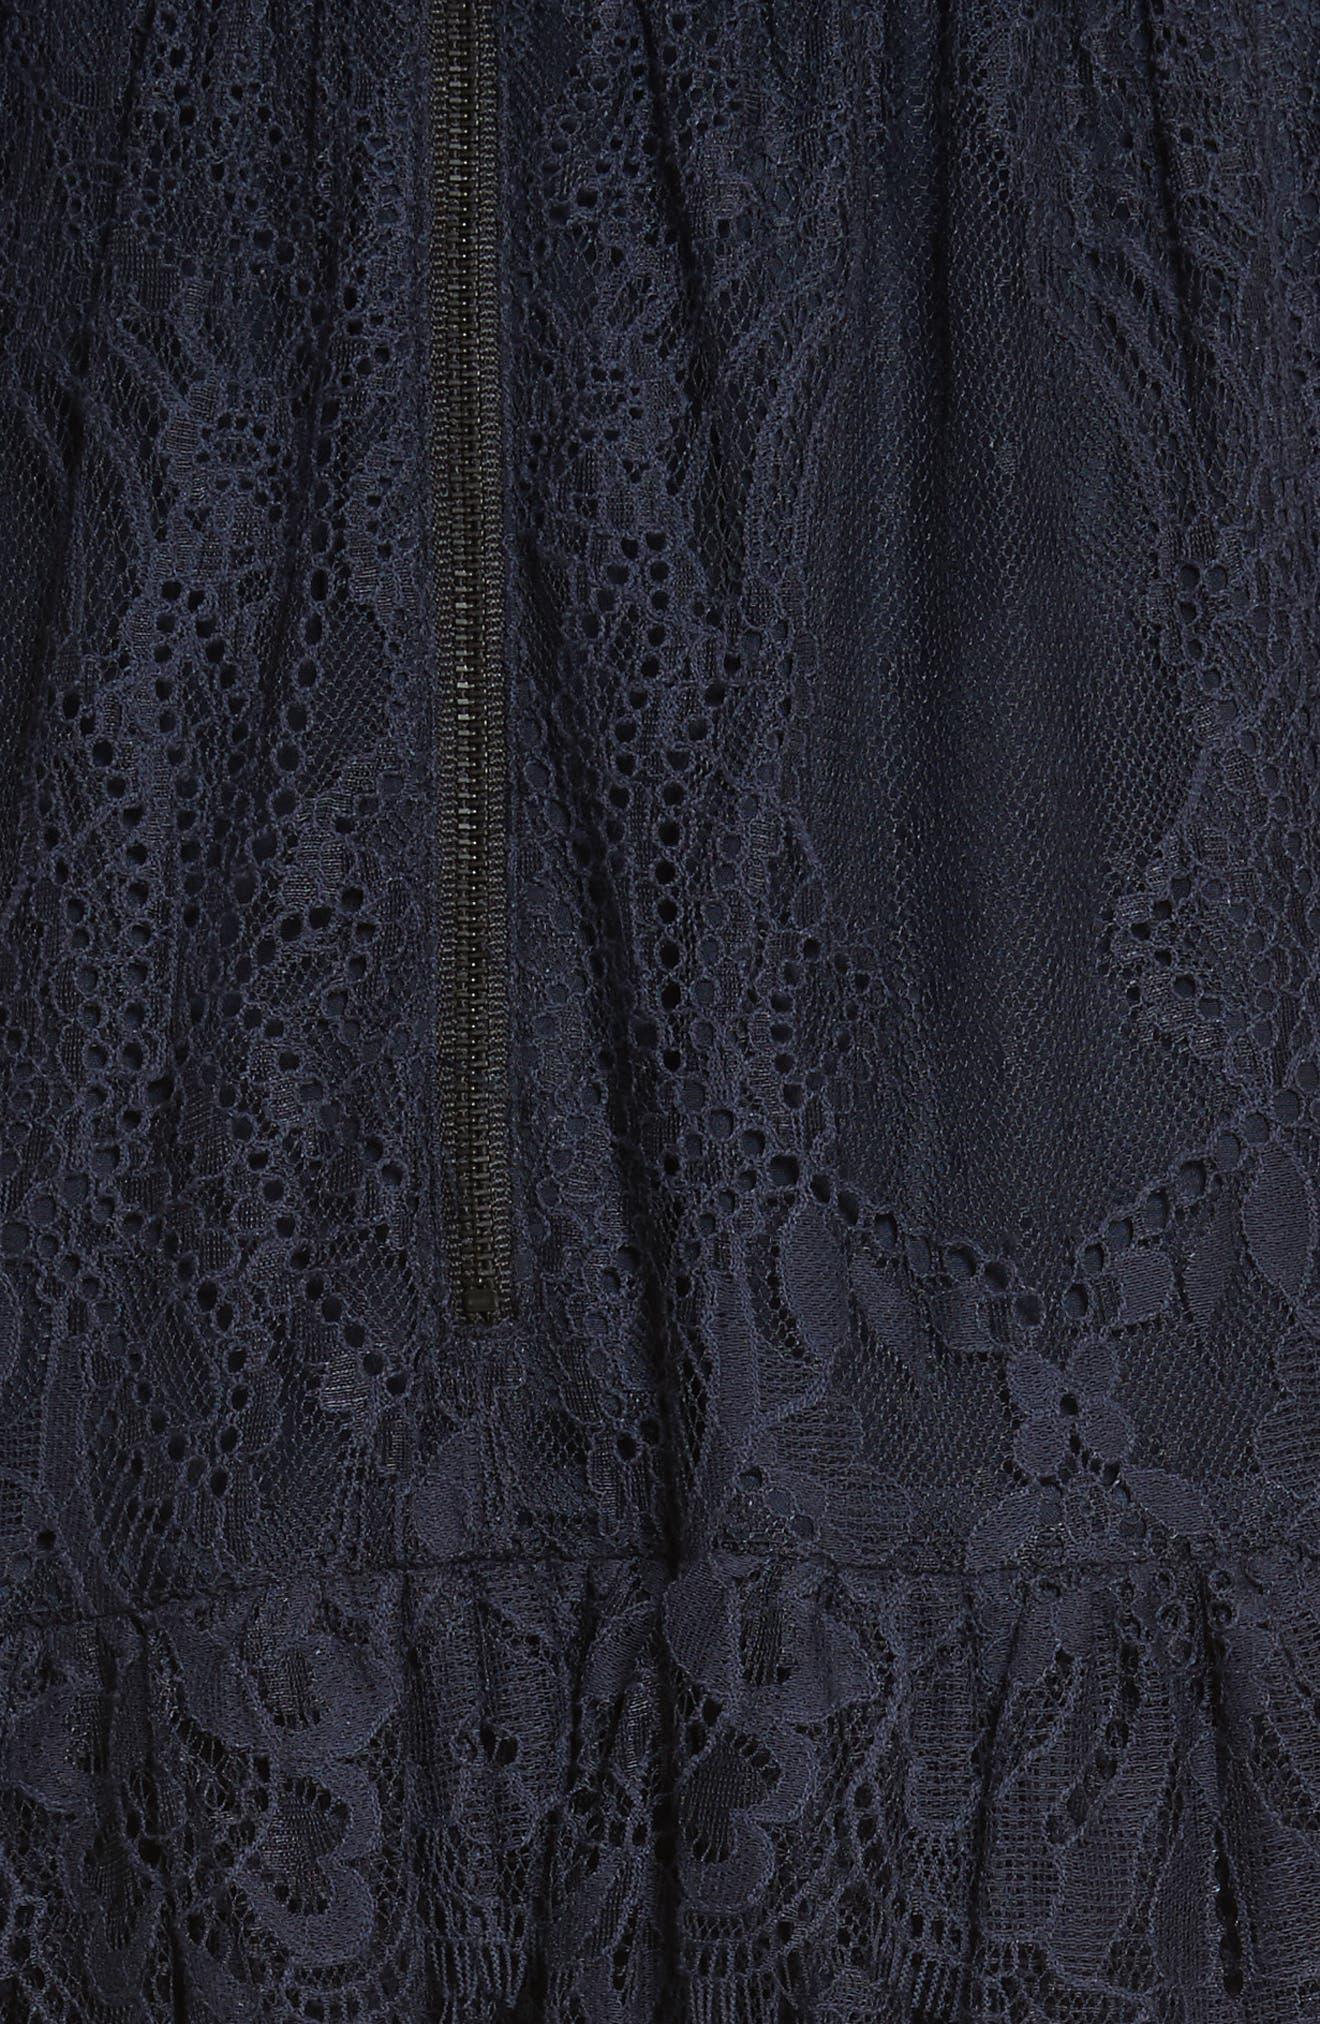 Fine Lace Off the Shoulder Maxi Dress,                             Alternate thumbnail 5, color,                             410